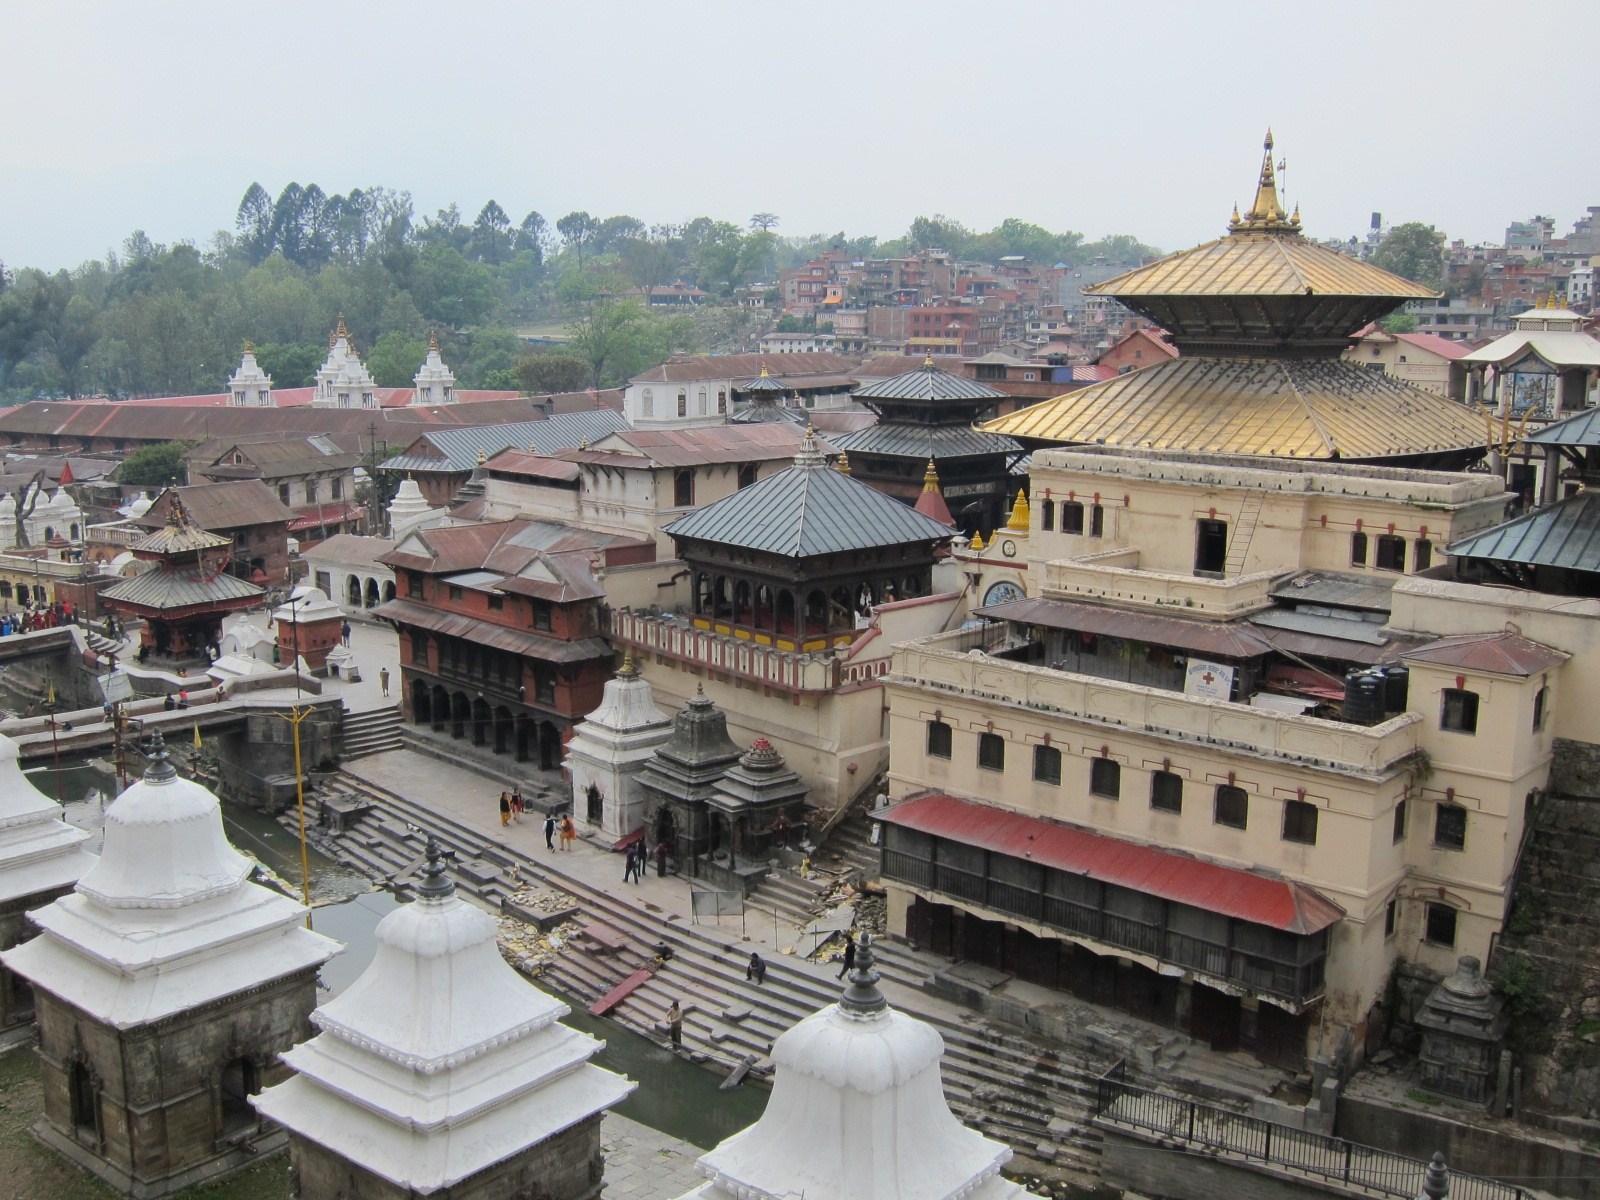 尼泊尔+印度8晚9天(2人成团,国航飞跃珠峰航线,5分酒店,加德满都,德里,阿格拉,斋普尔)